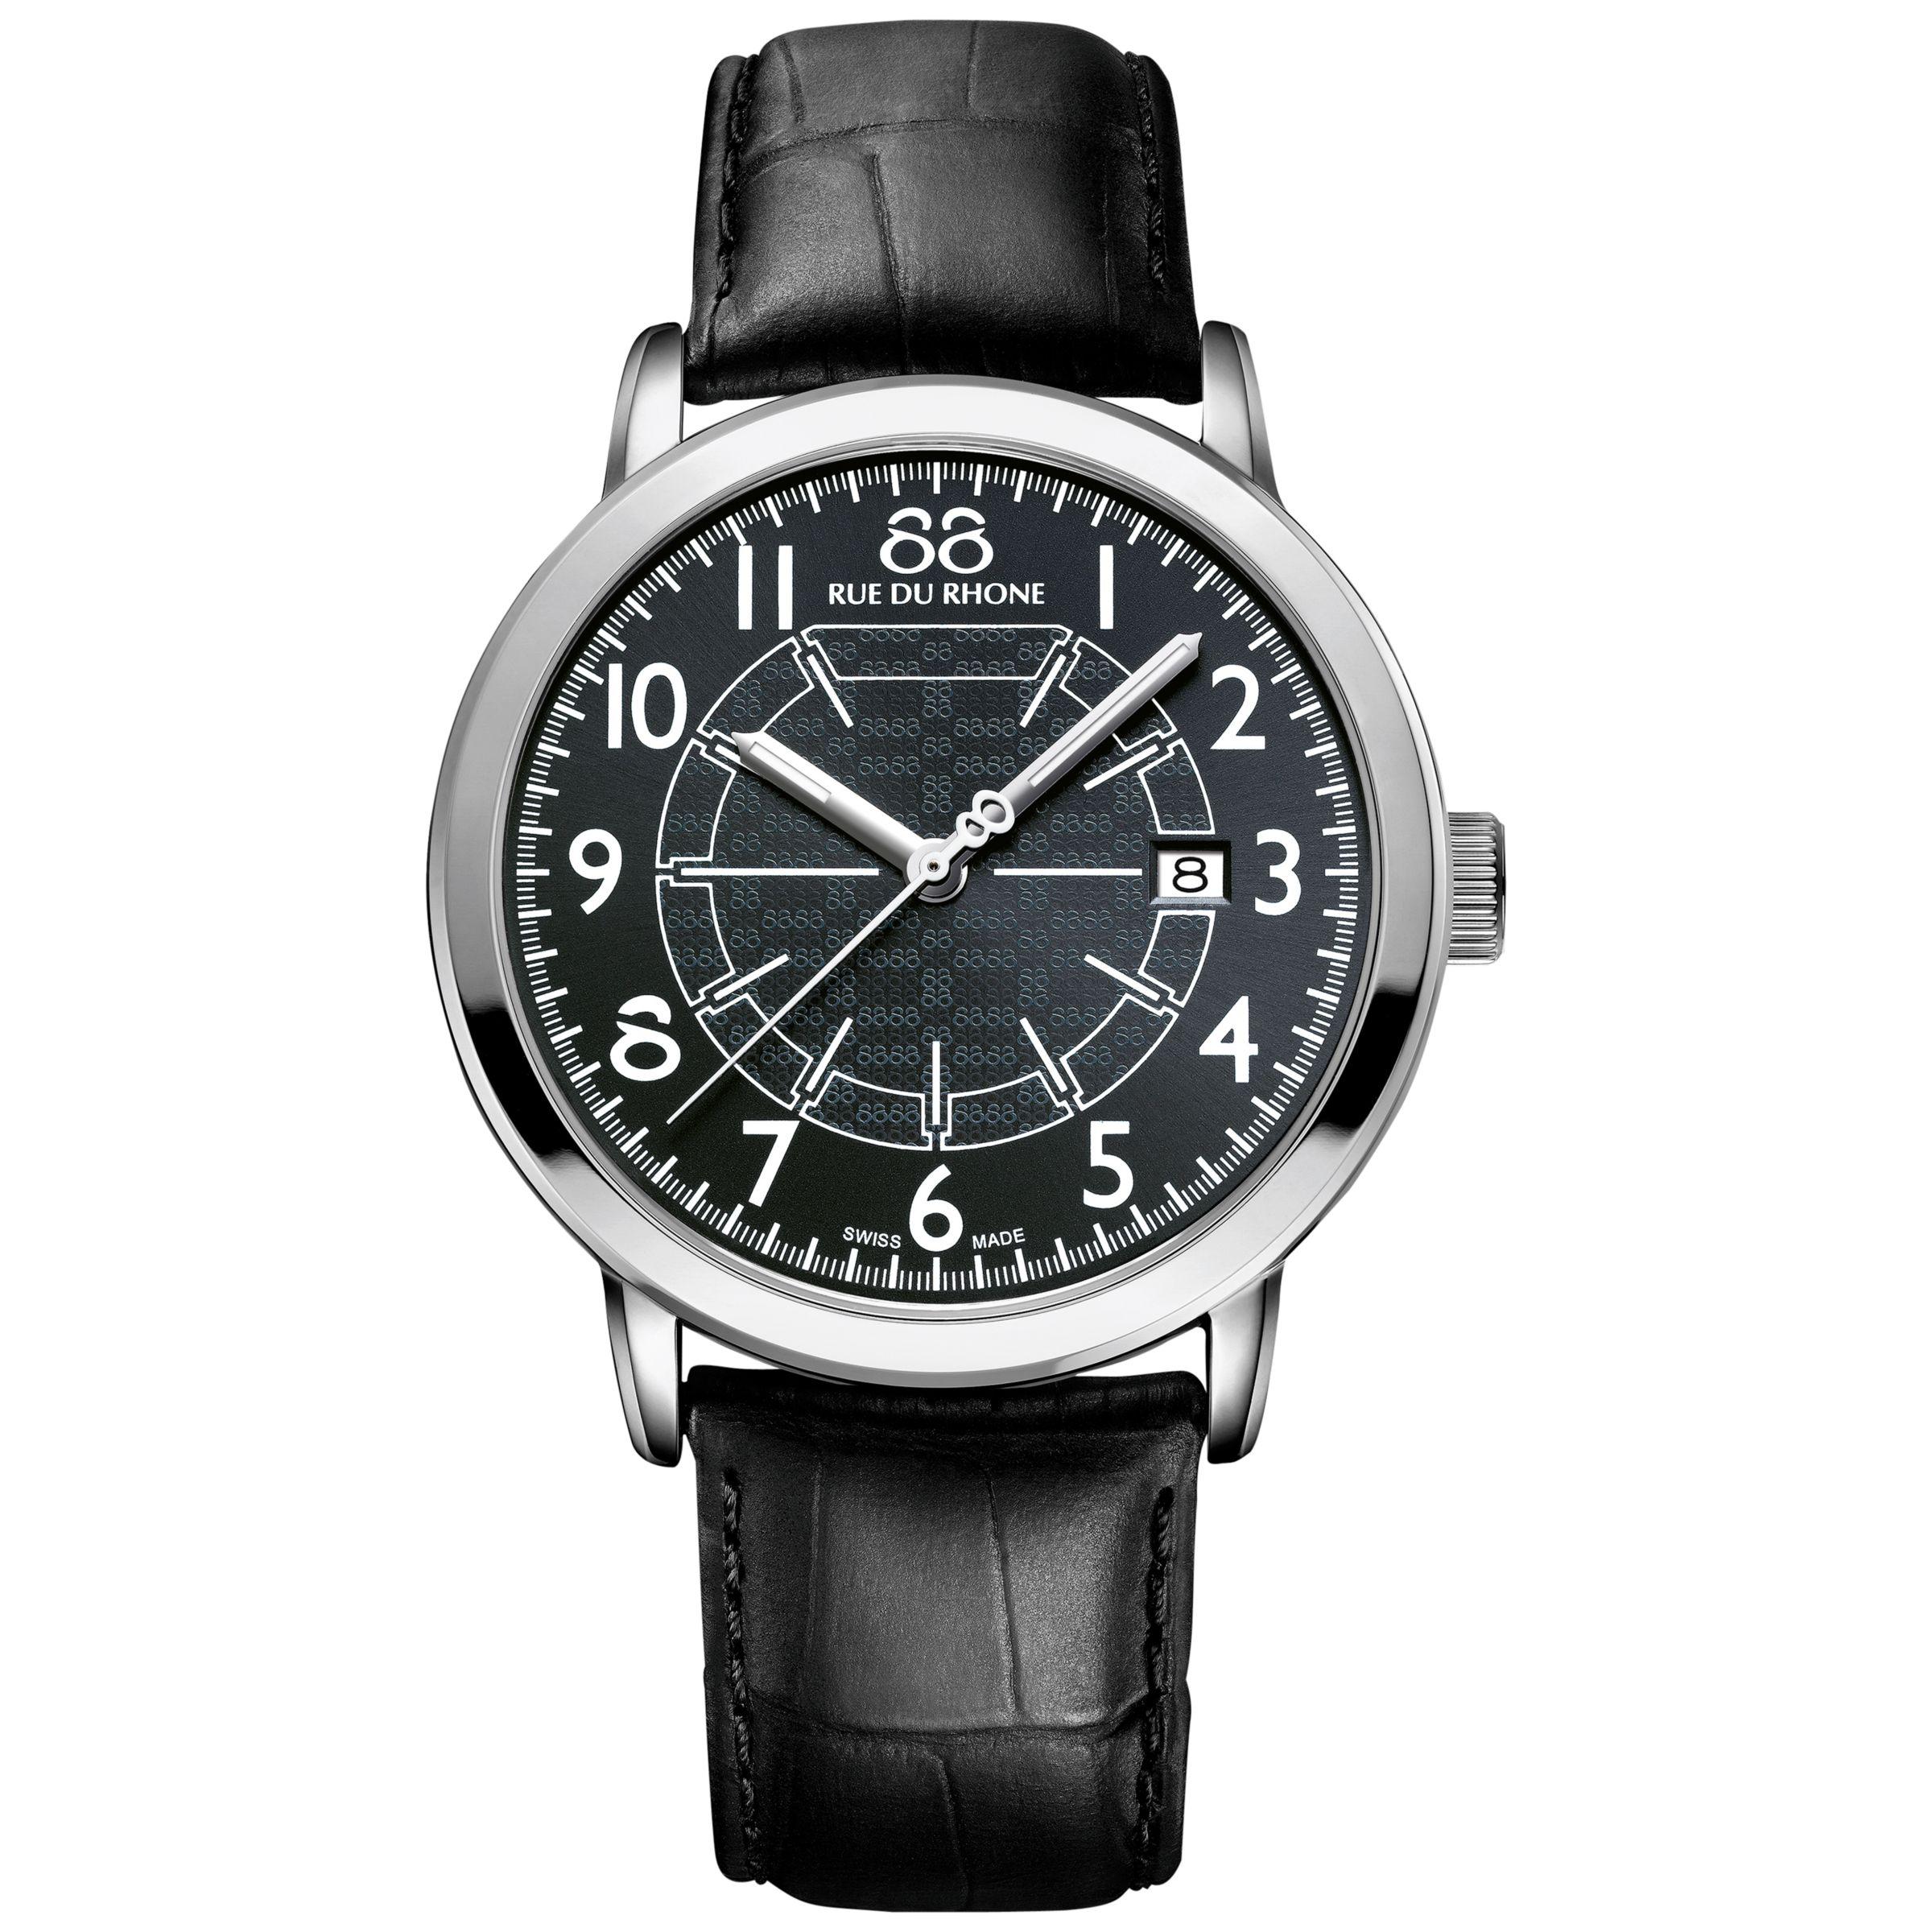 88 Rue Du Rhone 88 Rue Du Rhone 87WA144210 Men's Double 8 Origin Stainless Steel Leather Strap Watch, Black